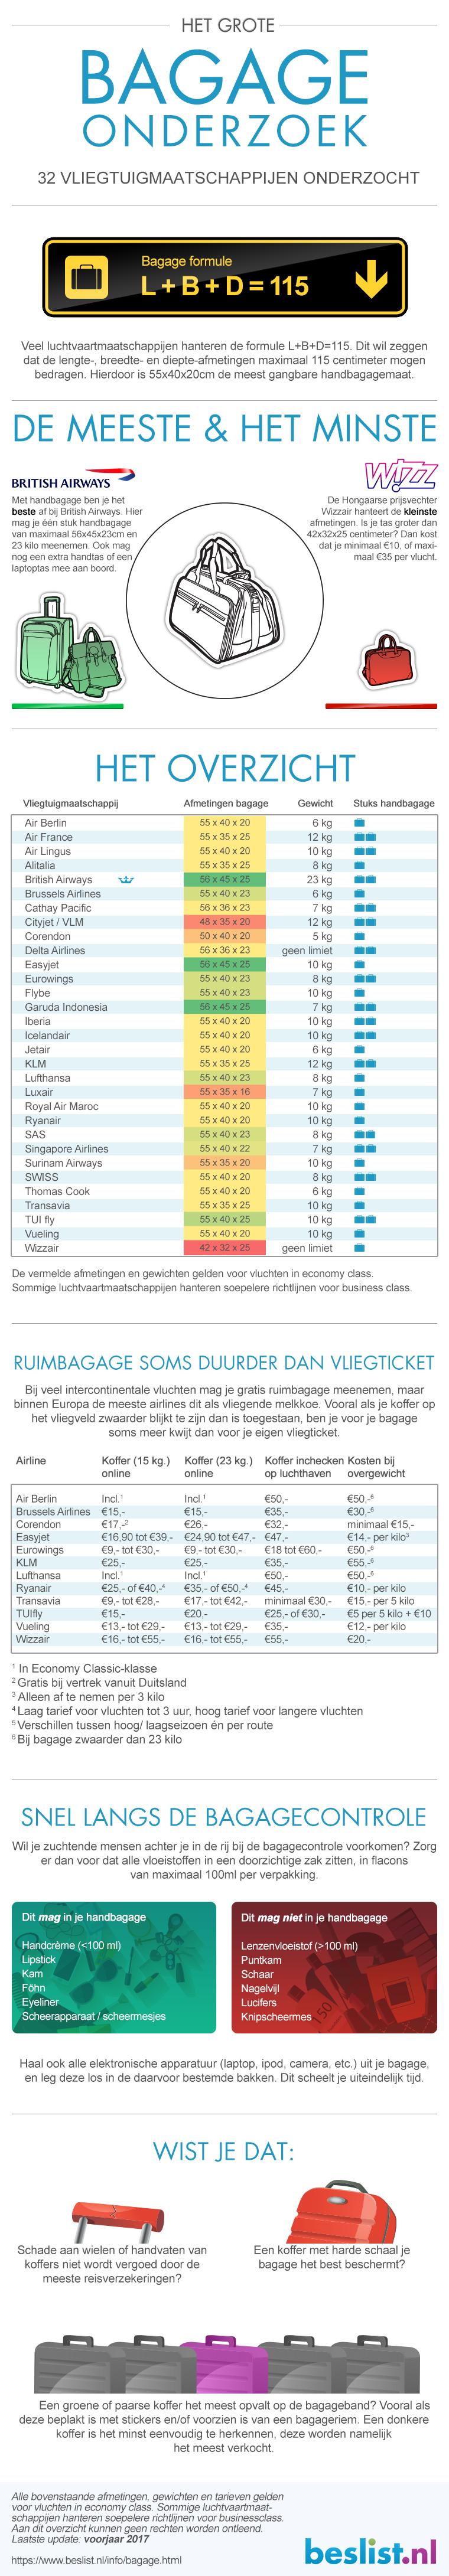 Infographic bagageonderzoek